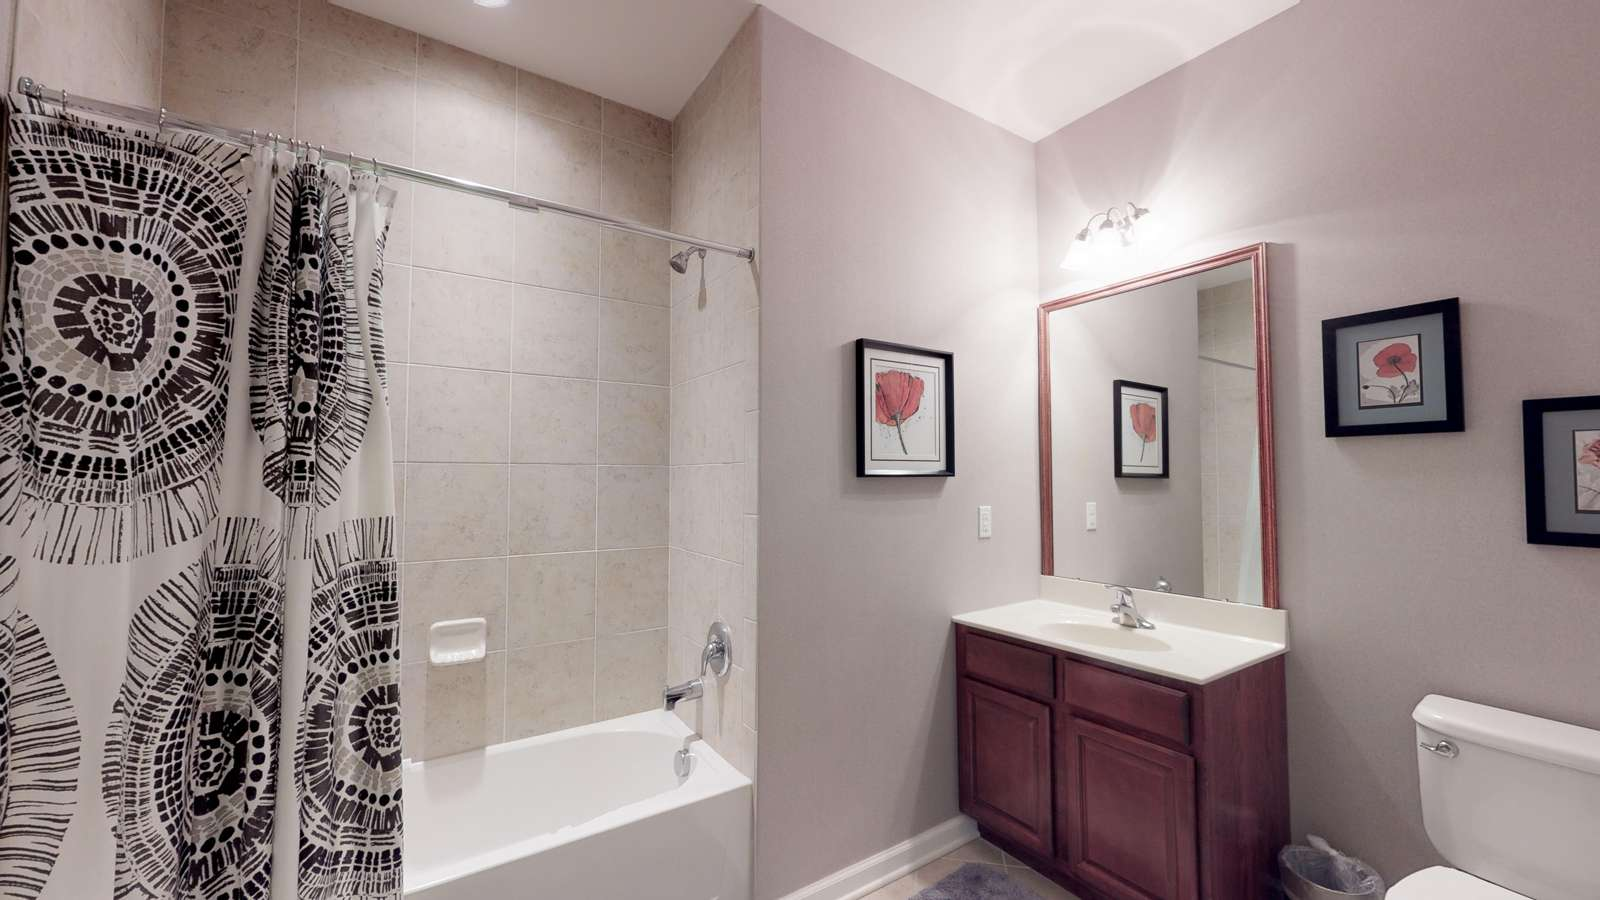 The-Villas-at-Fairways-2-Bedroom-1-Bath-10292018_110328